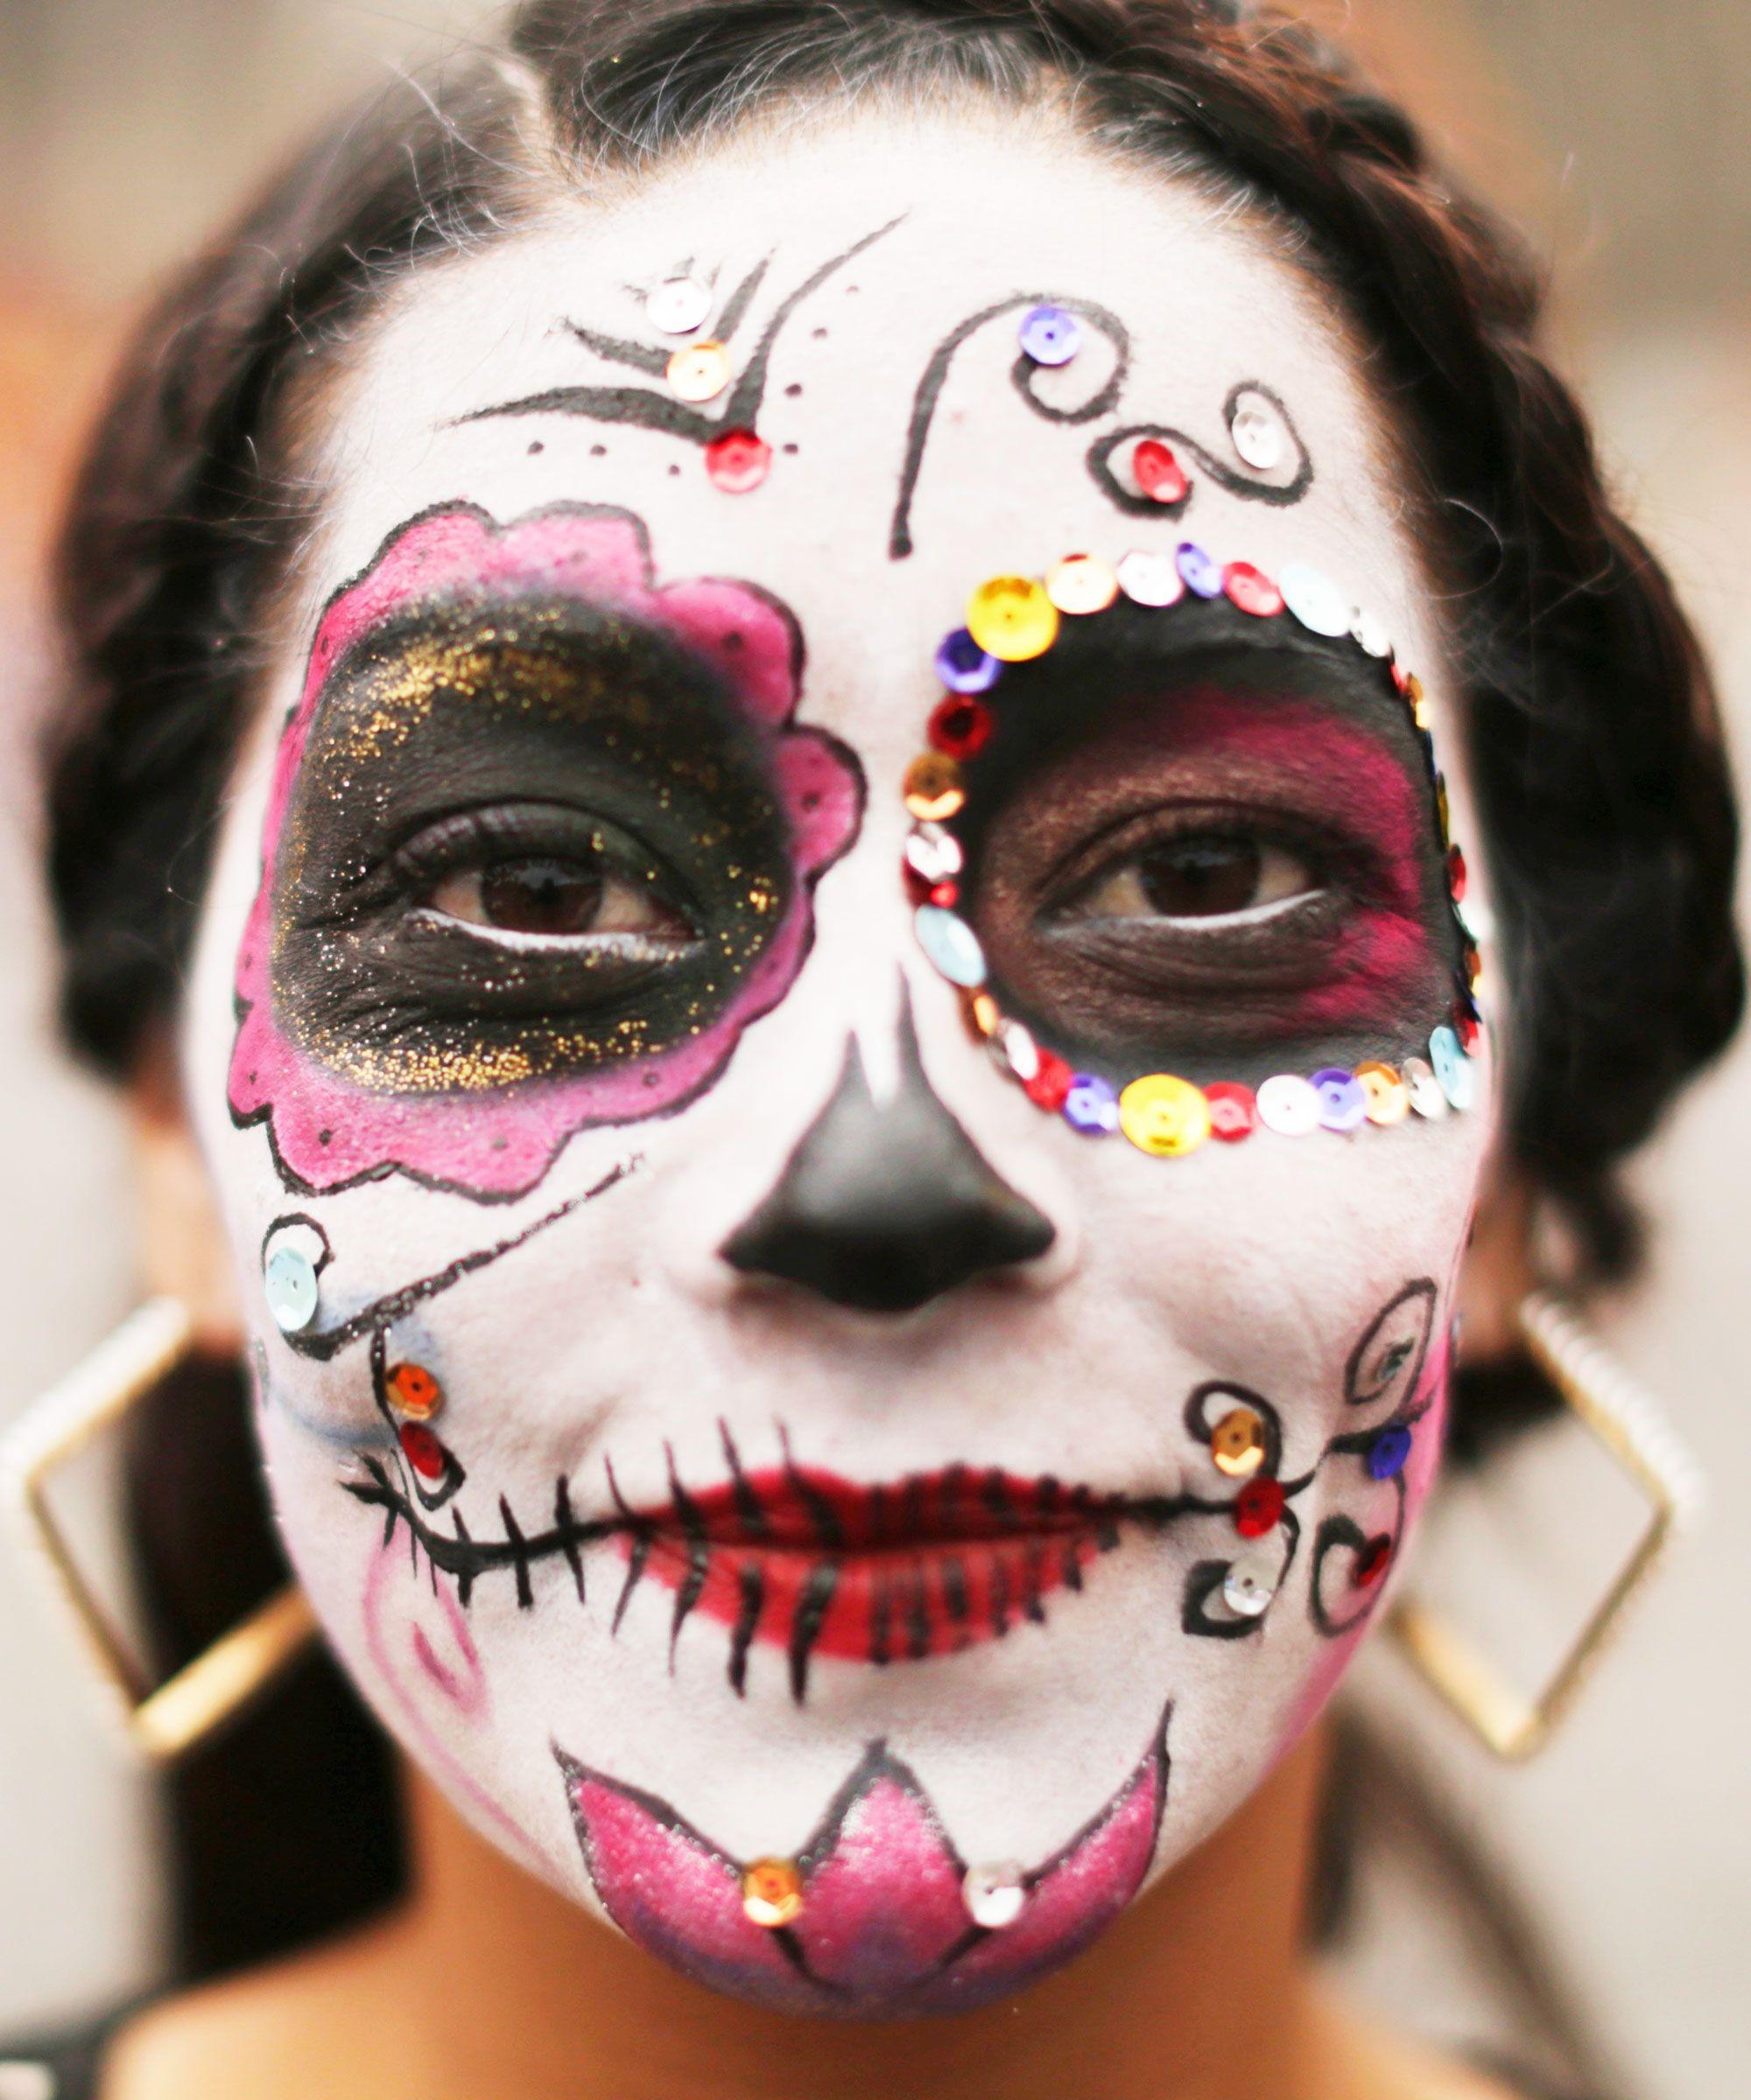 """Maquillage ''tête de mort'' mexicaine"""": utilisez de la couleur de votre choix."""